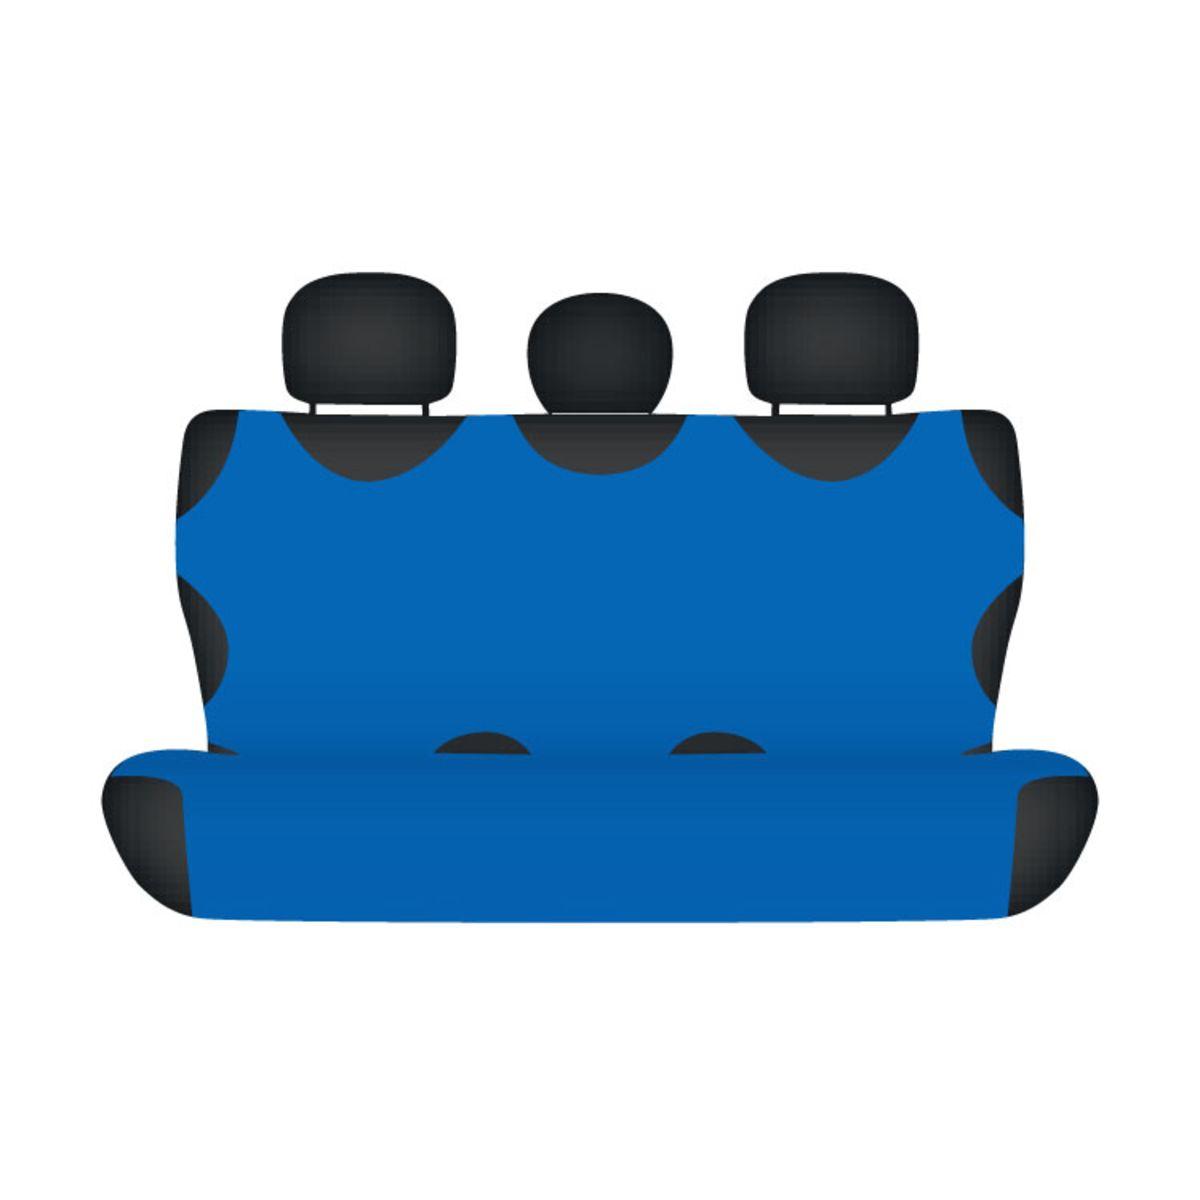 KEGEL Potahy zadní, univerzální, modrá barva, model triko